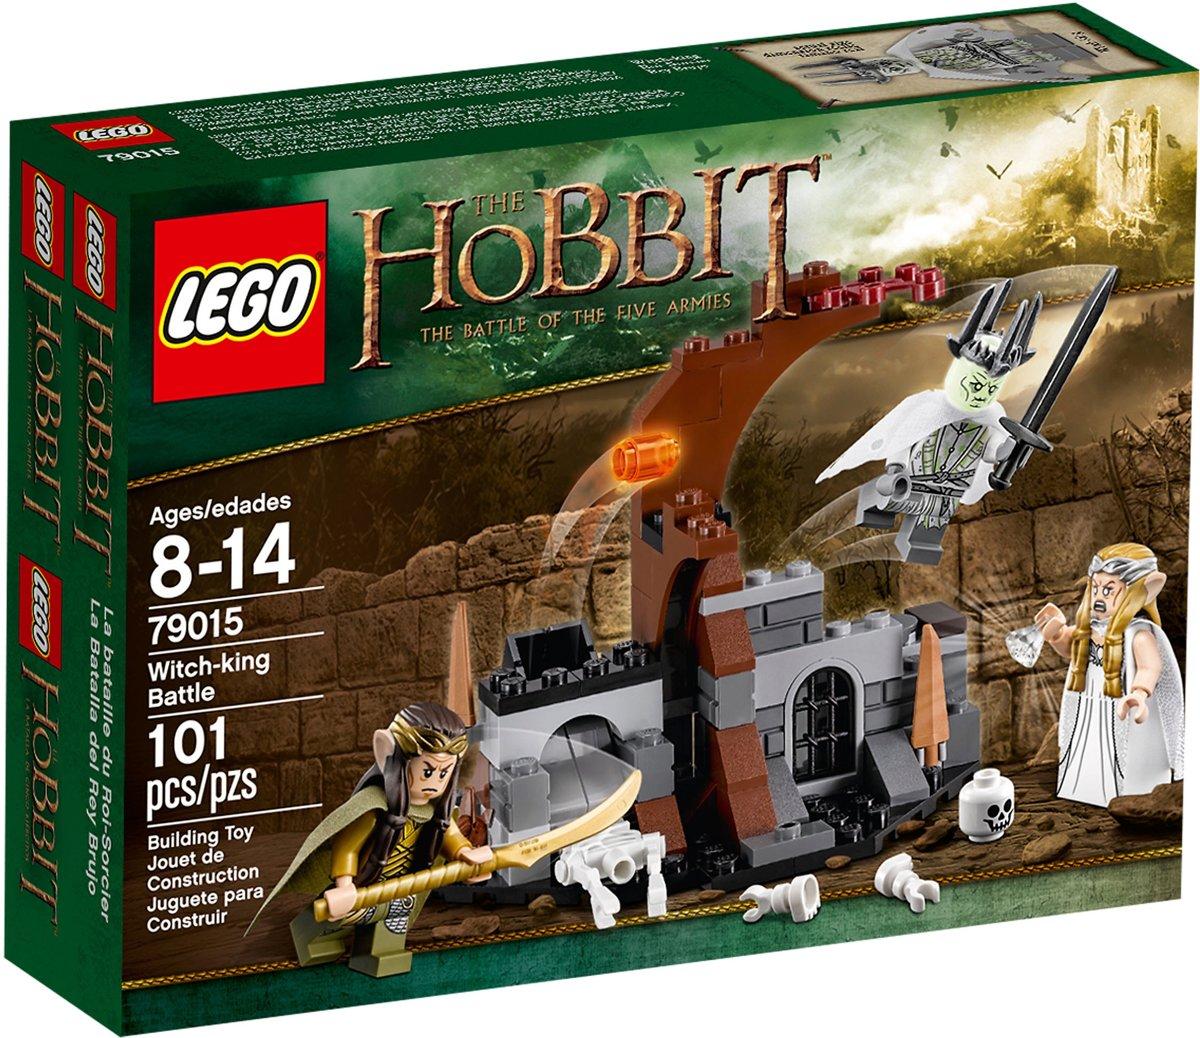 LEGO The Hobbit Tovenaar-Koning Duel ? 79015